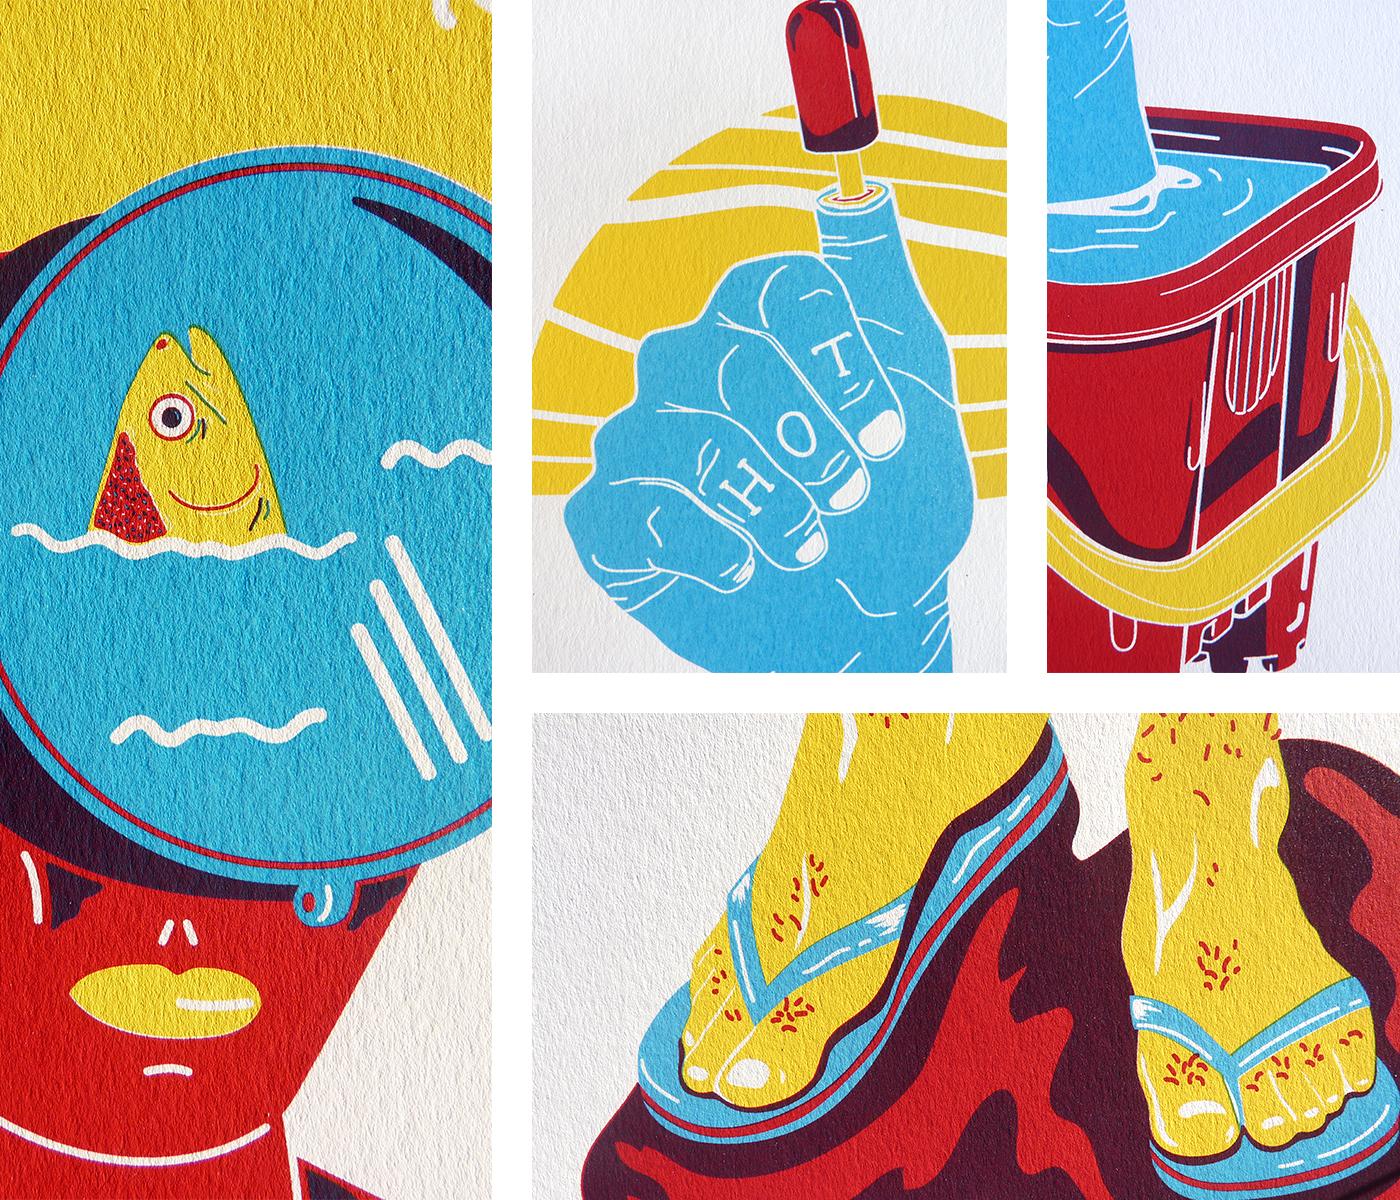 Détails des affichettes sérigraphiées de la collection Trempette de sable. Masque de plongée, pouce, tongs, pieds dans l'eau, glace, seau de plage.